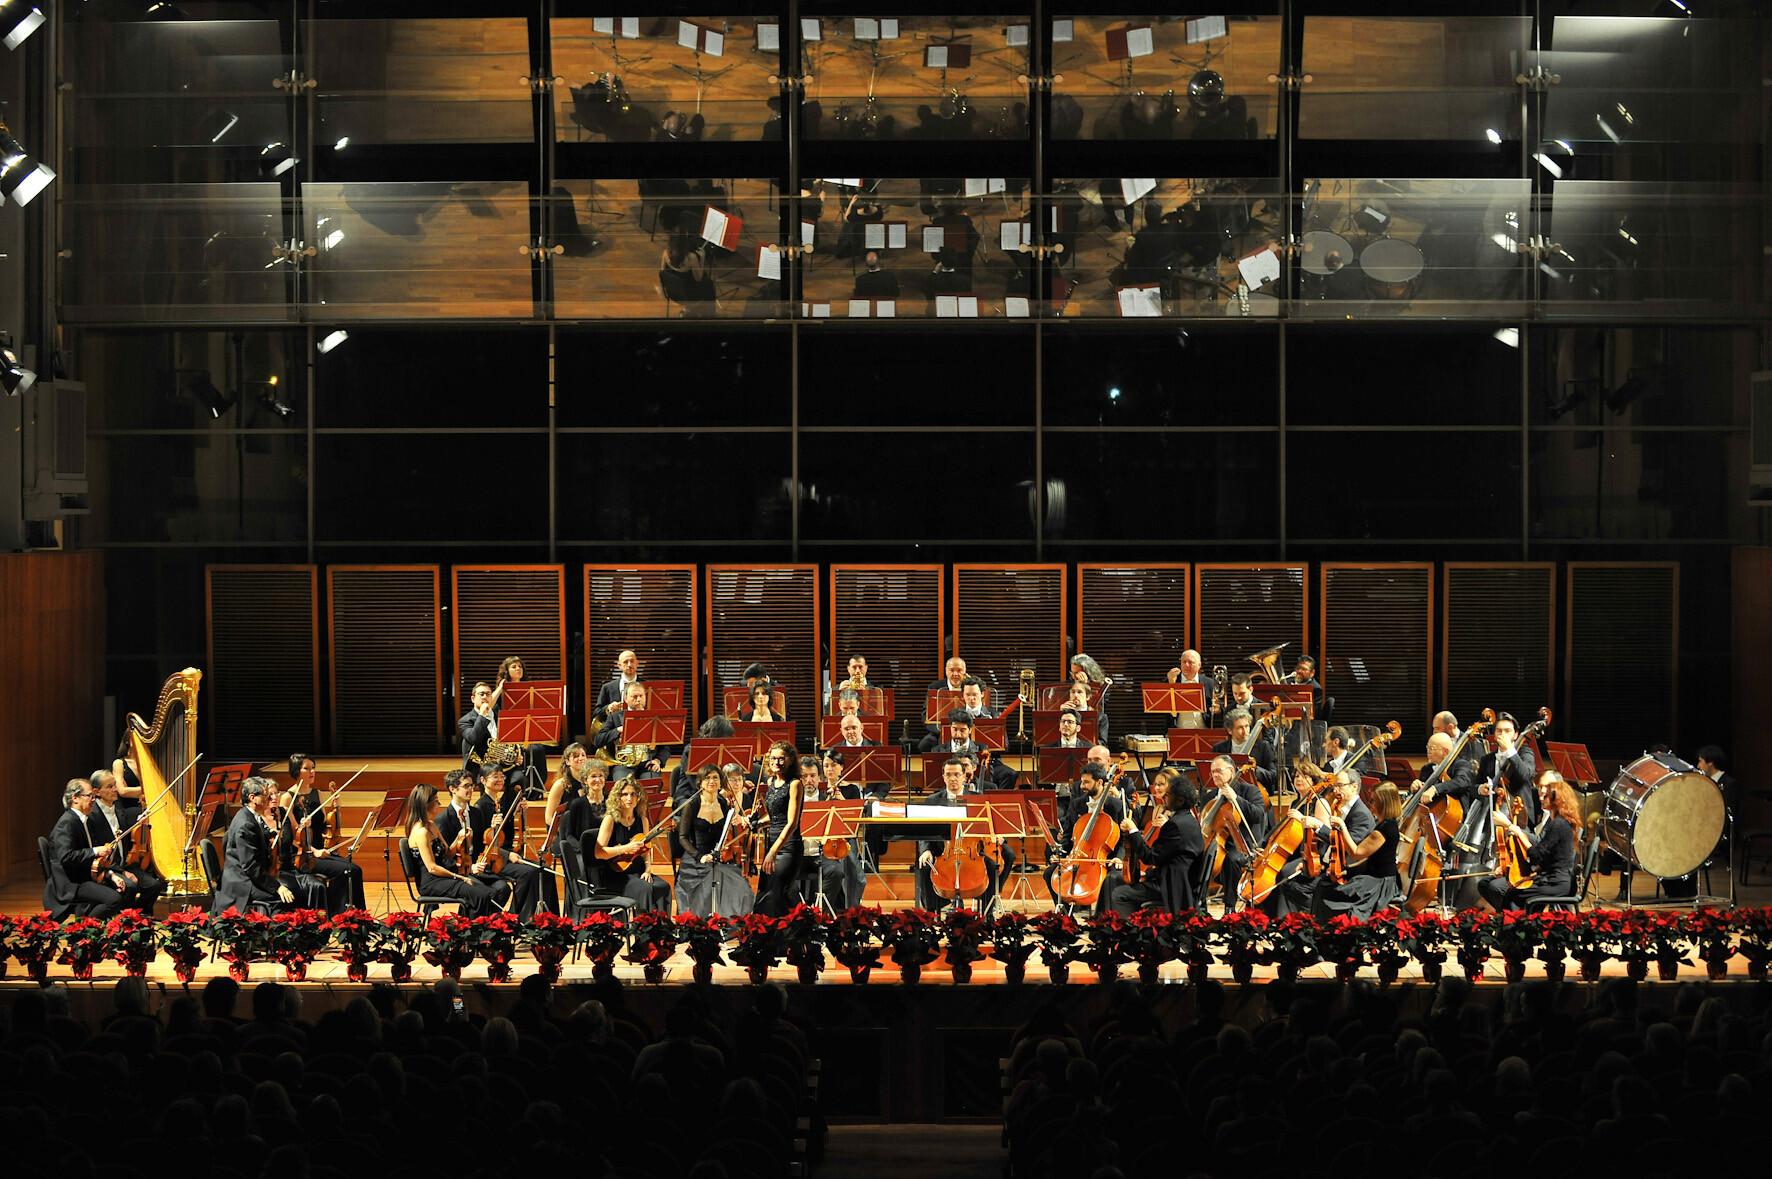 Concerto di Natale Mediolanum 2019 con  la Filarmonica Toscanini diretta Ciáran McAuley, menzione speciale della Giuria al Concorso Toscanini 2017.